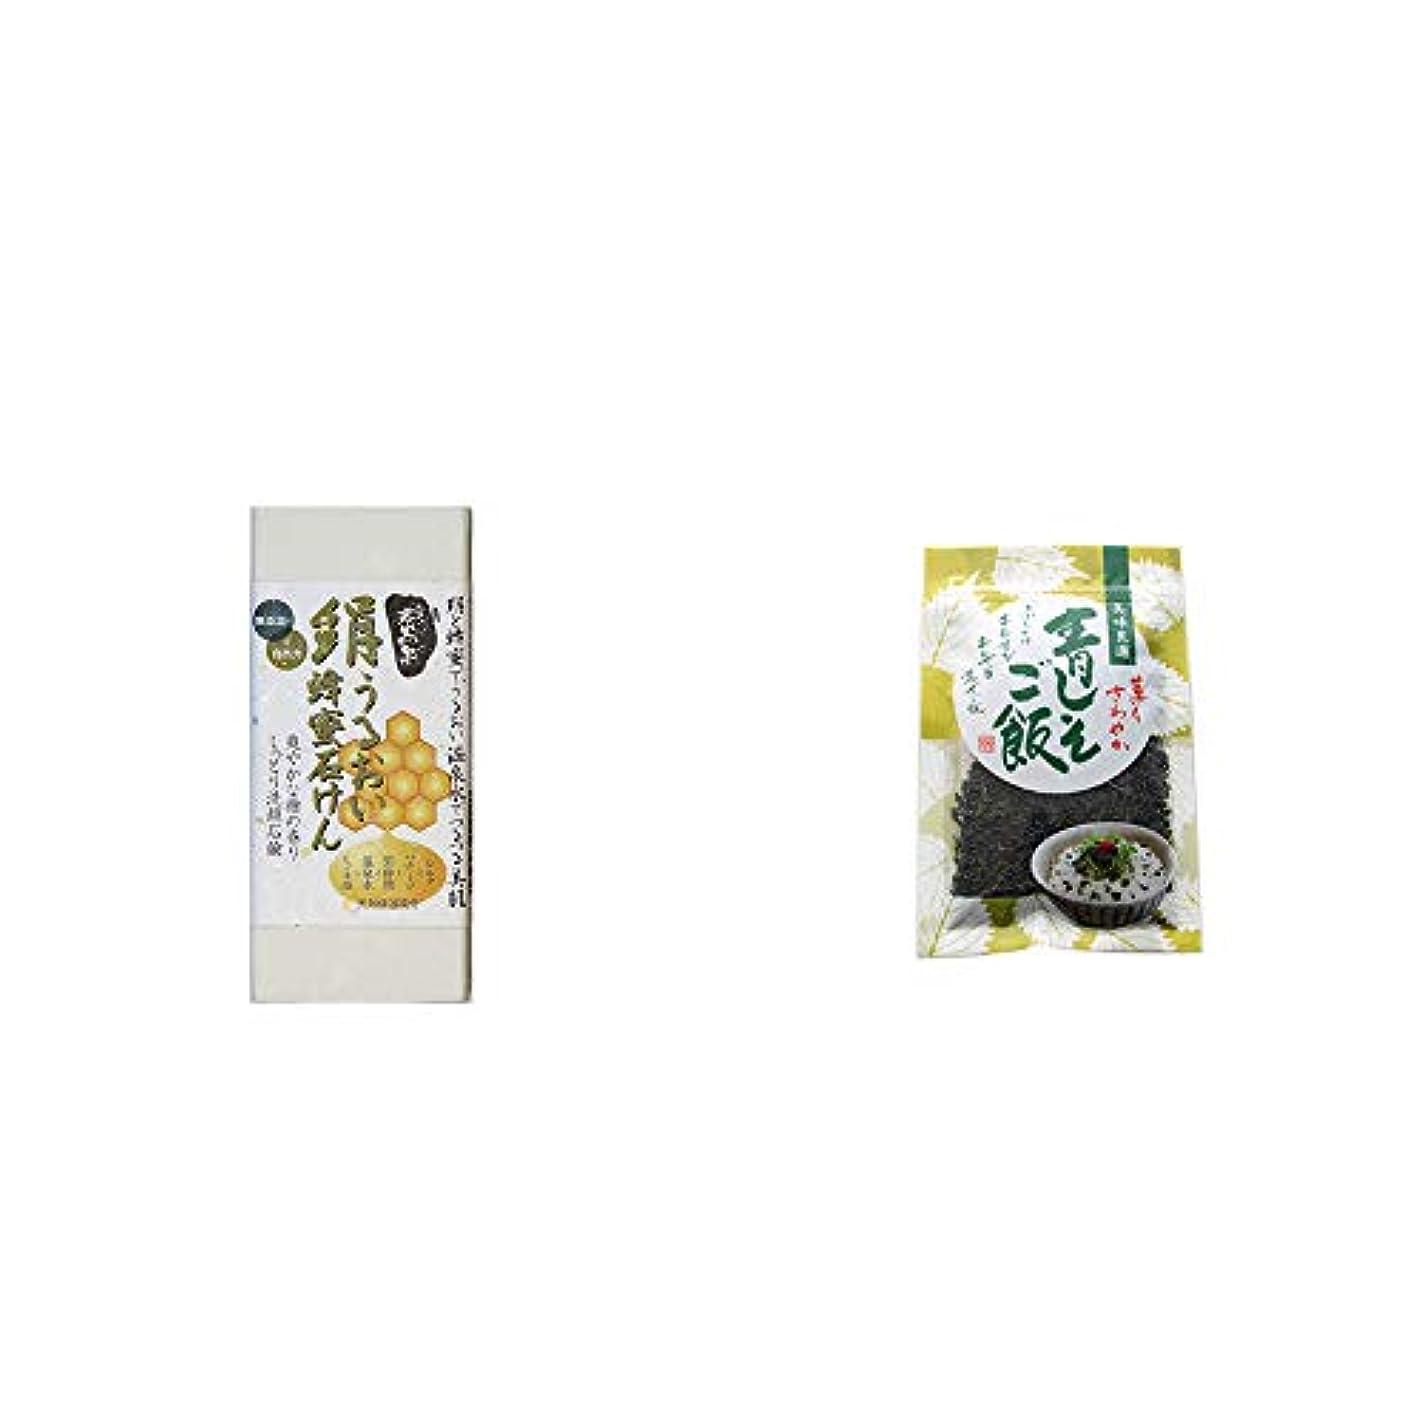 [2点セット] ひのき炭黒泉 絹うるおい蜂蜜石けん(75g×2)?薫りさわやか 青しそご飯(80g)